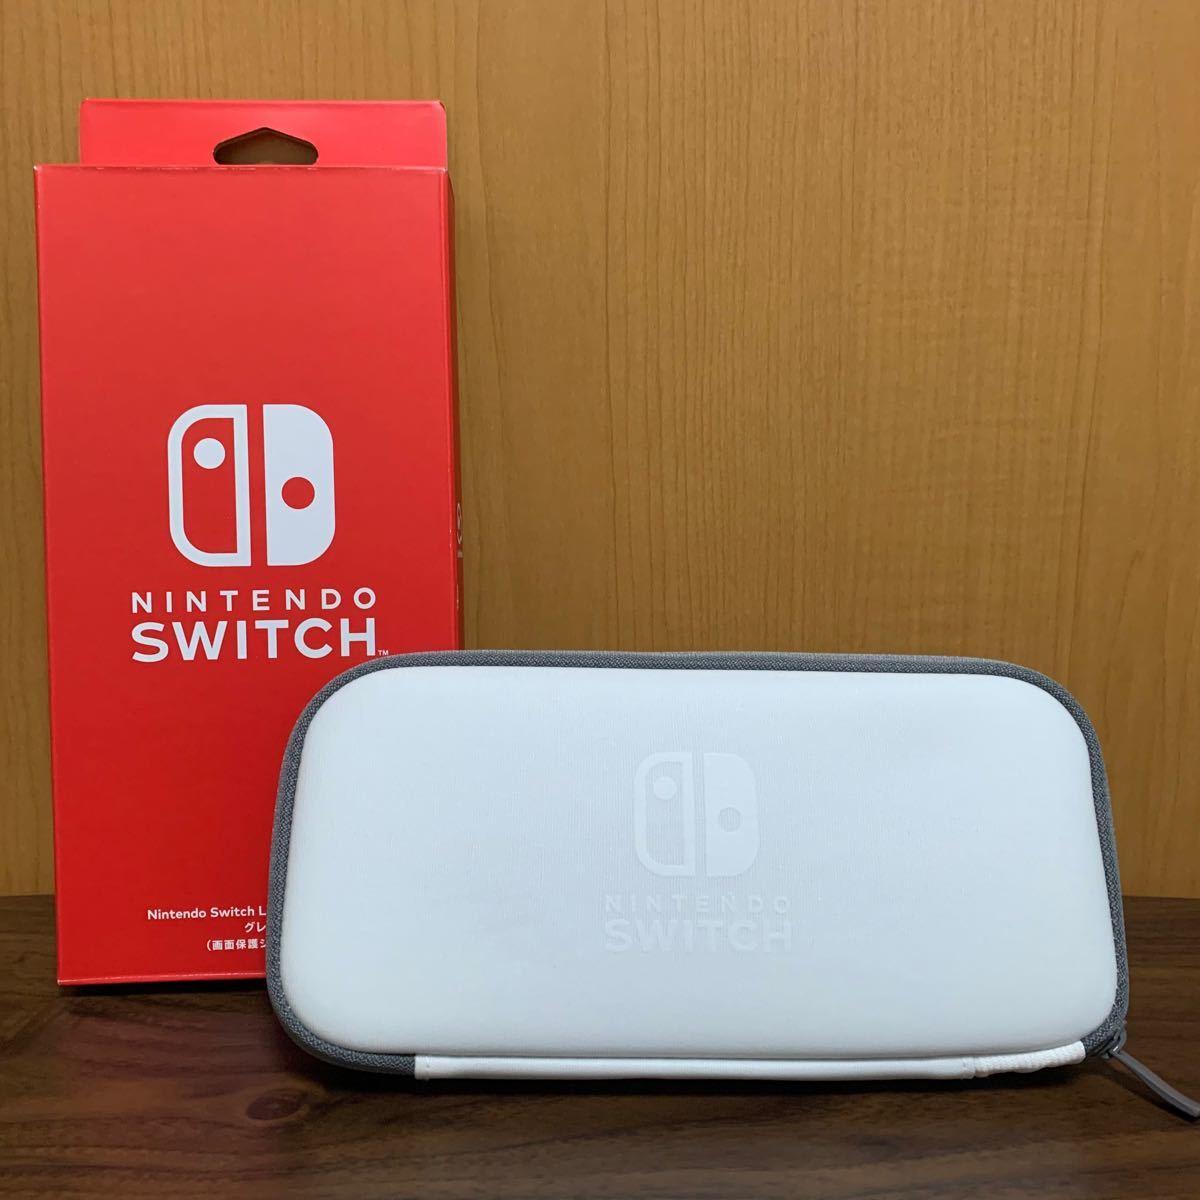 ニンテンドー スイッチ Switch Lite 純正 キャリングケース グレー